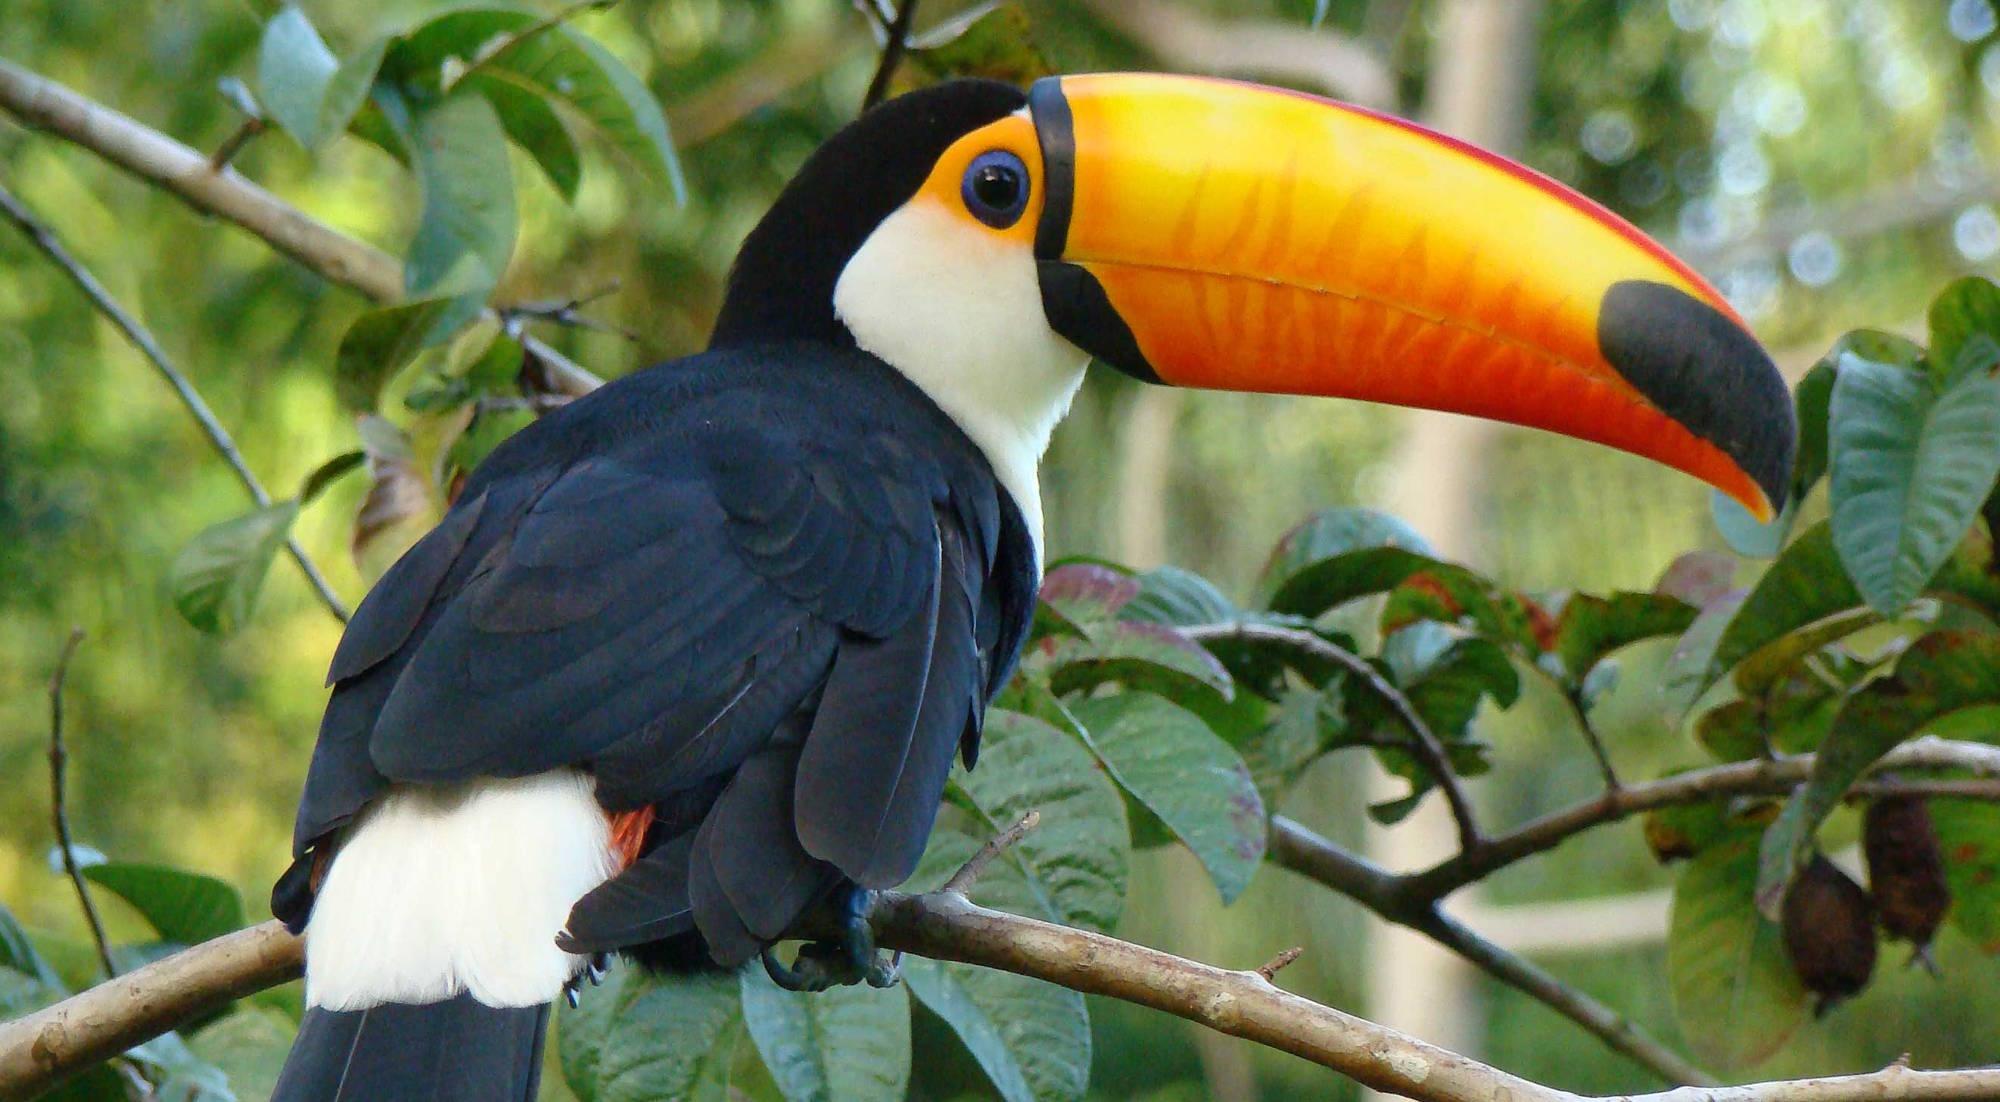 Fauna tipica del Roraima: un tucano